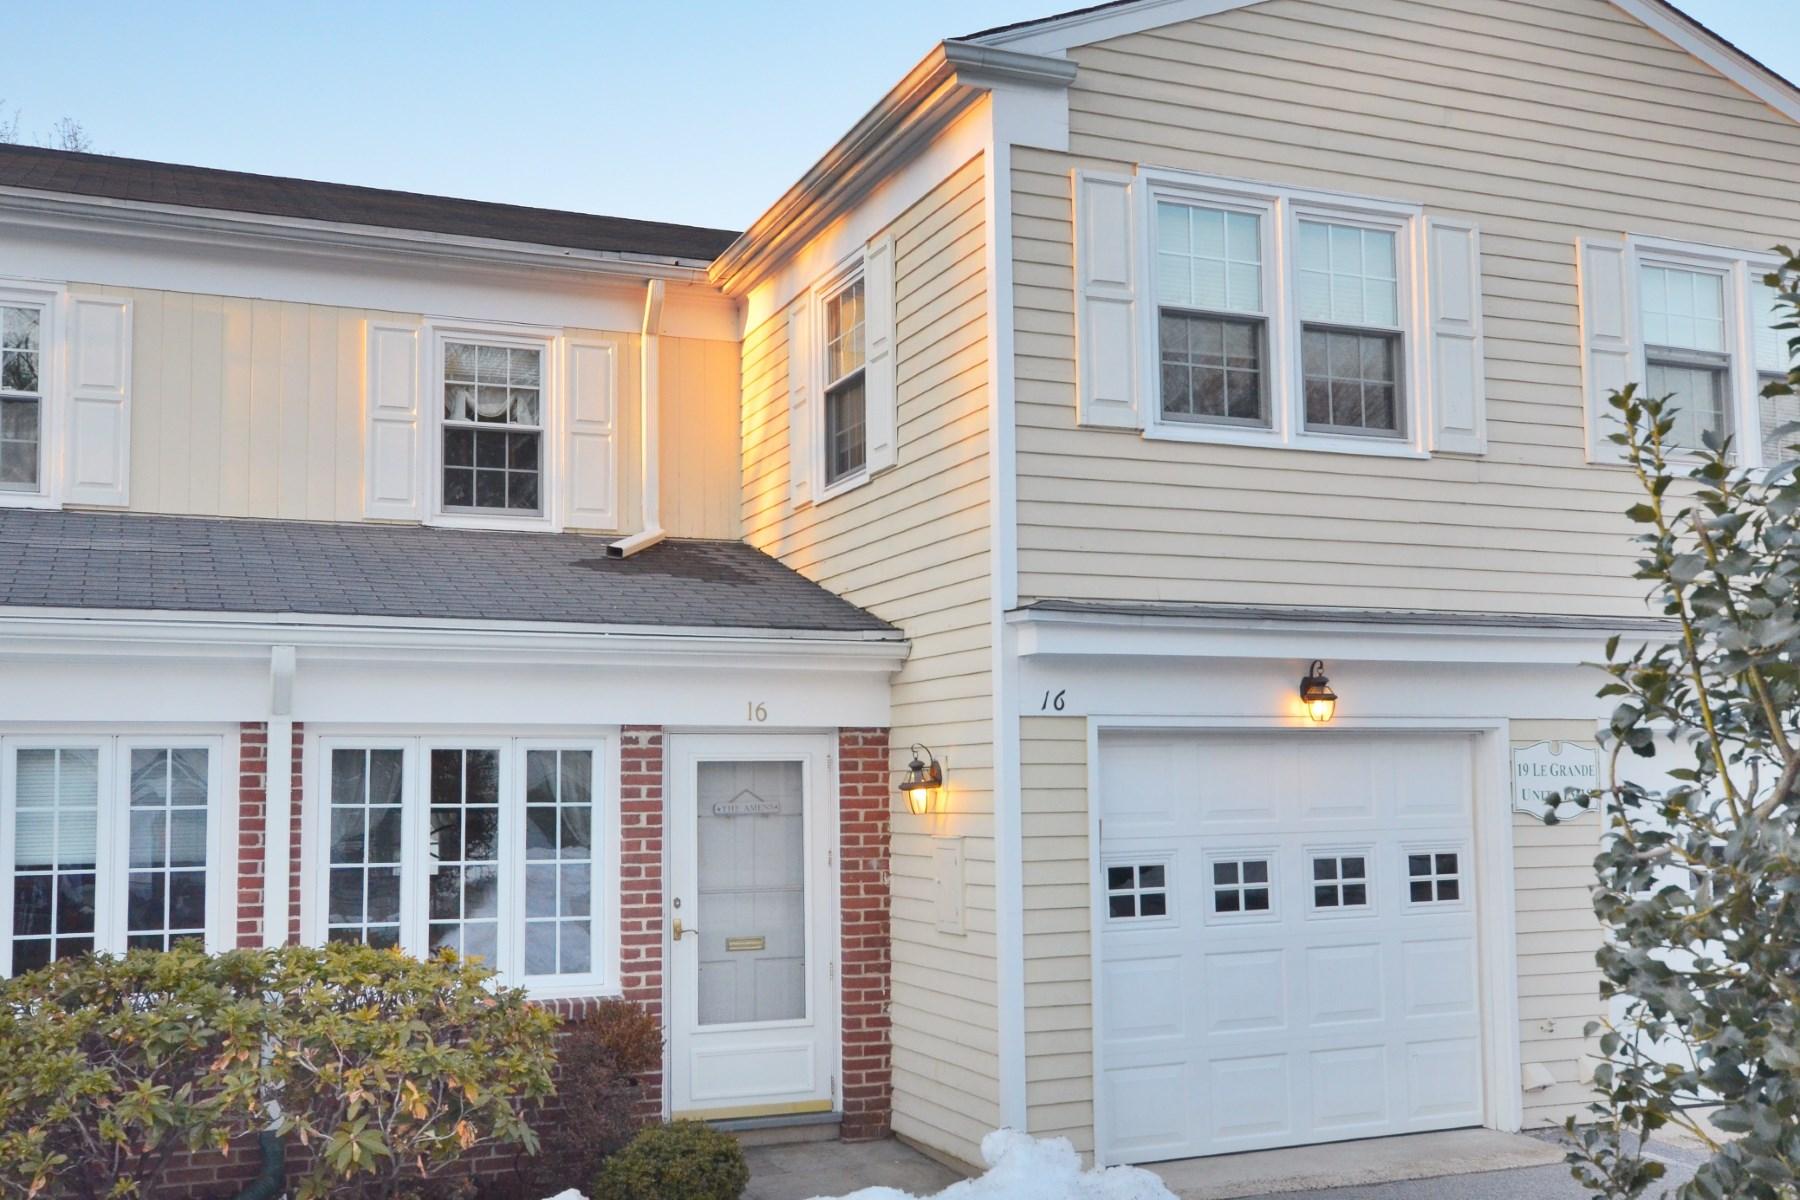 Condominium for Sale at In-Town Condo 19 Le Grande Avenue, Unit 16 Central Greenwich, Greenwich, Connecticut, 06830 United States